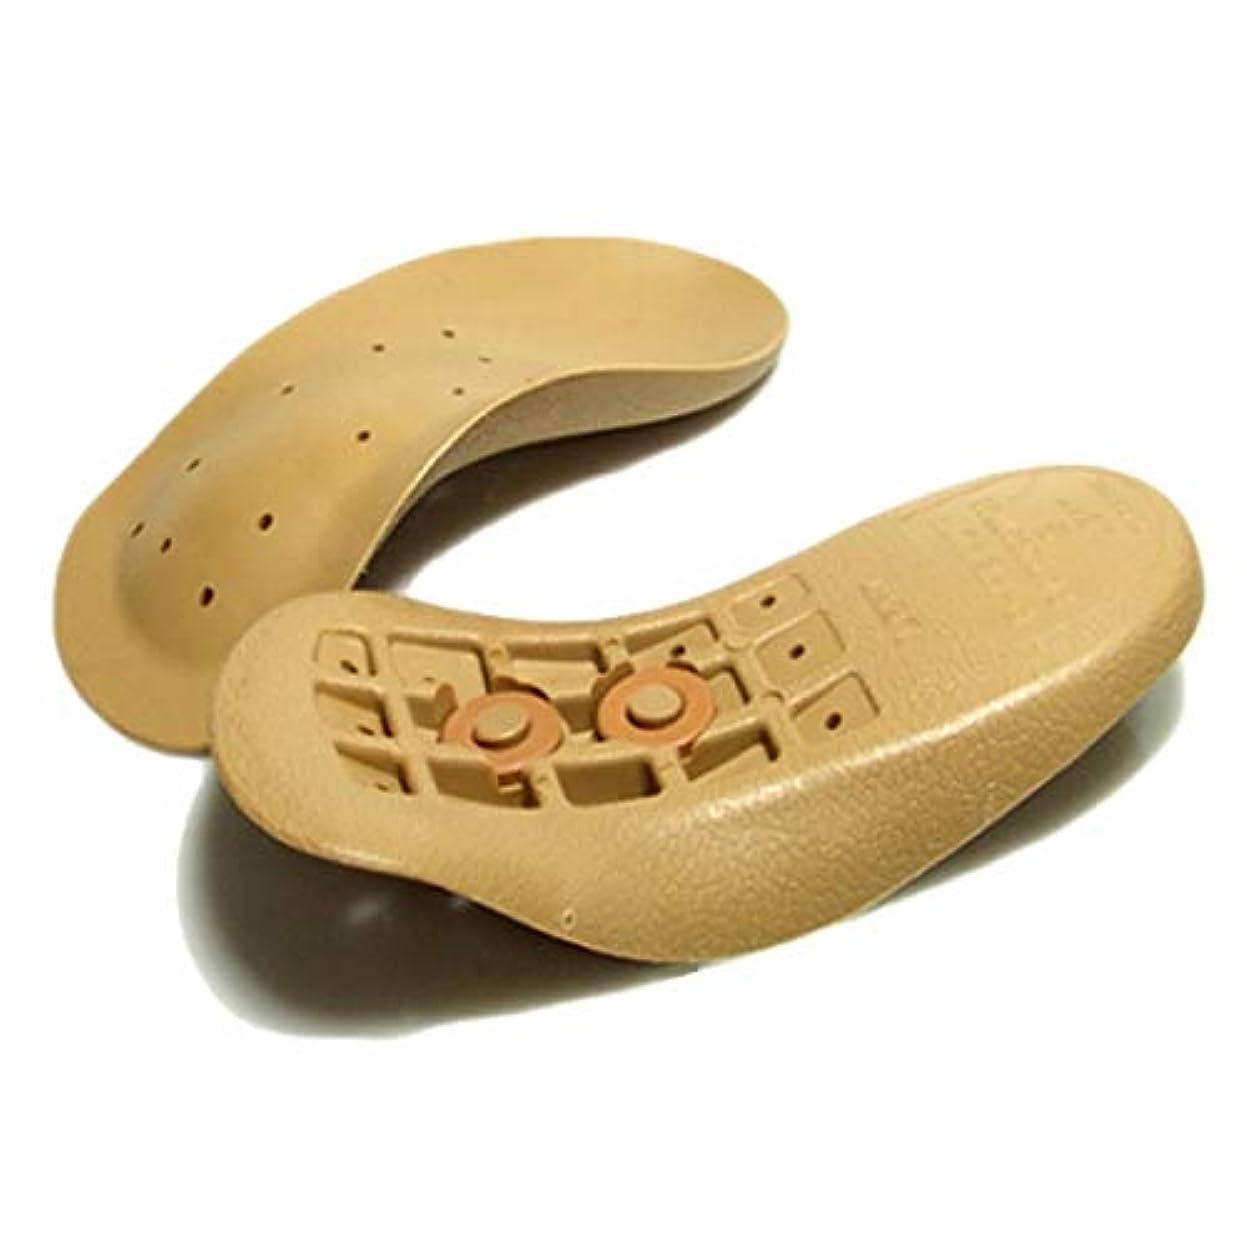 イノセンス時間ルーLeaders New Power Health Insoles/足の形に合わせて科学的に設計された足の補助装置/靴インソール/指圧とストレッチの連鎖反応に着けているだけで運動効果/ 1Pair 1Set (S~L Size)